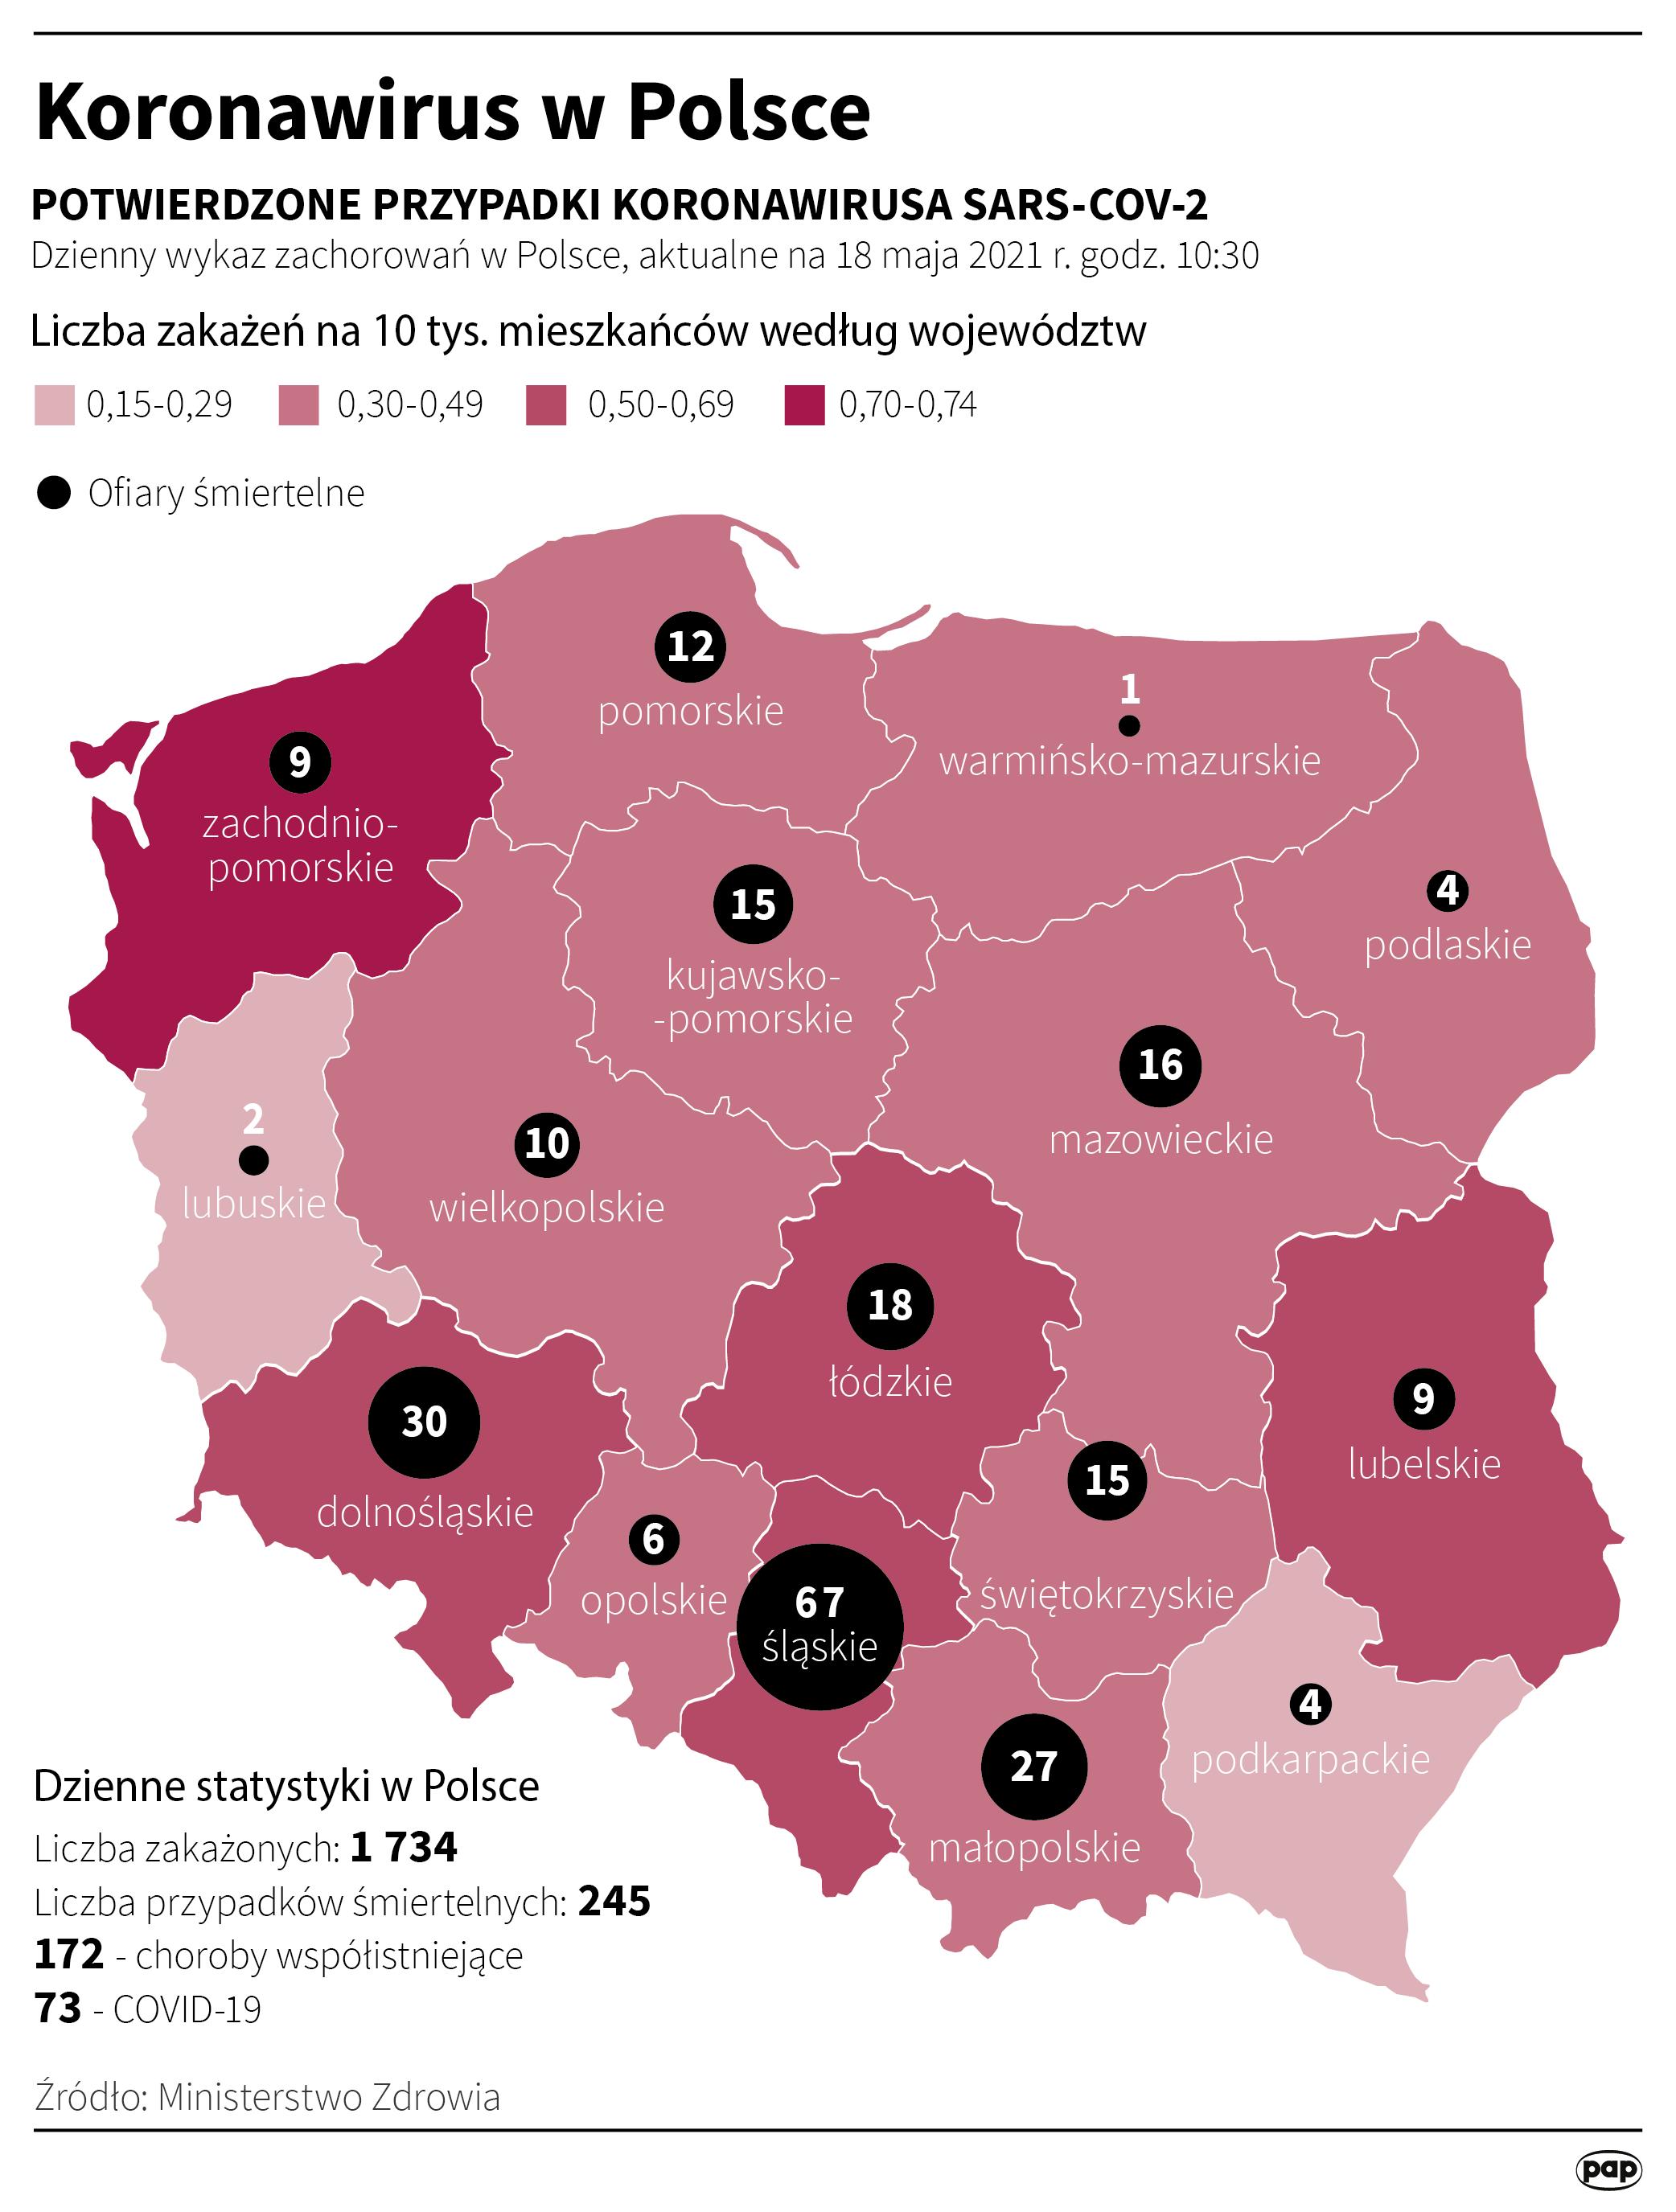 Koronawirus w Polsce stan na 18 maja [autor: Maciej Zieliński, źródło: PAP]